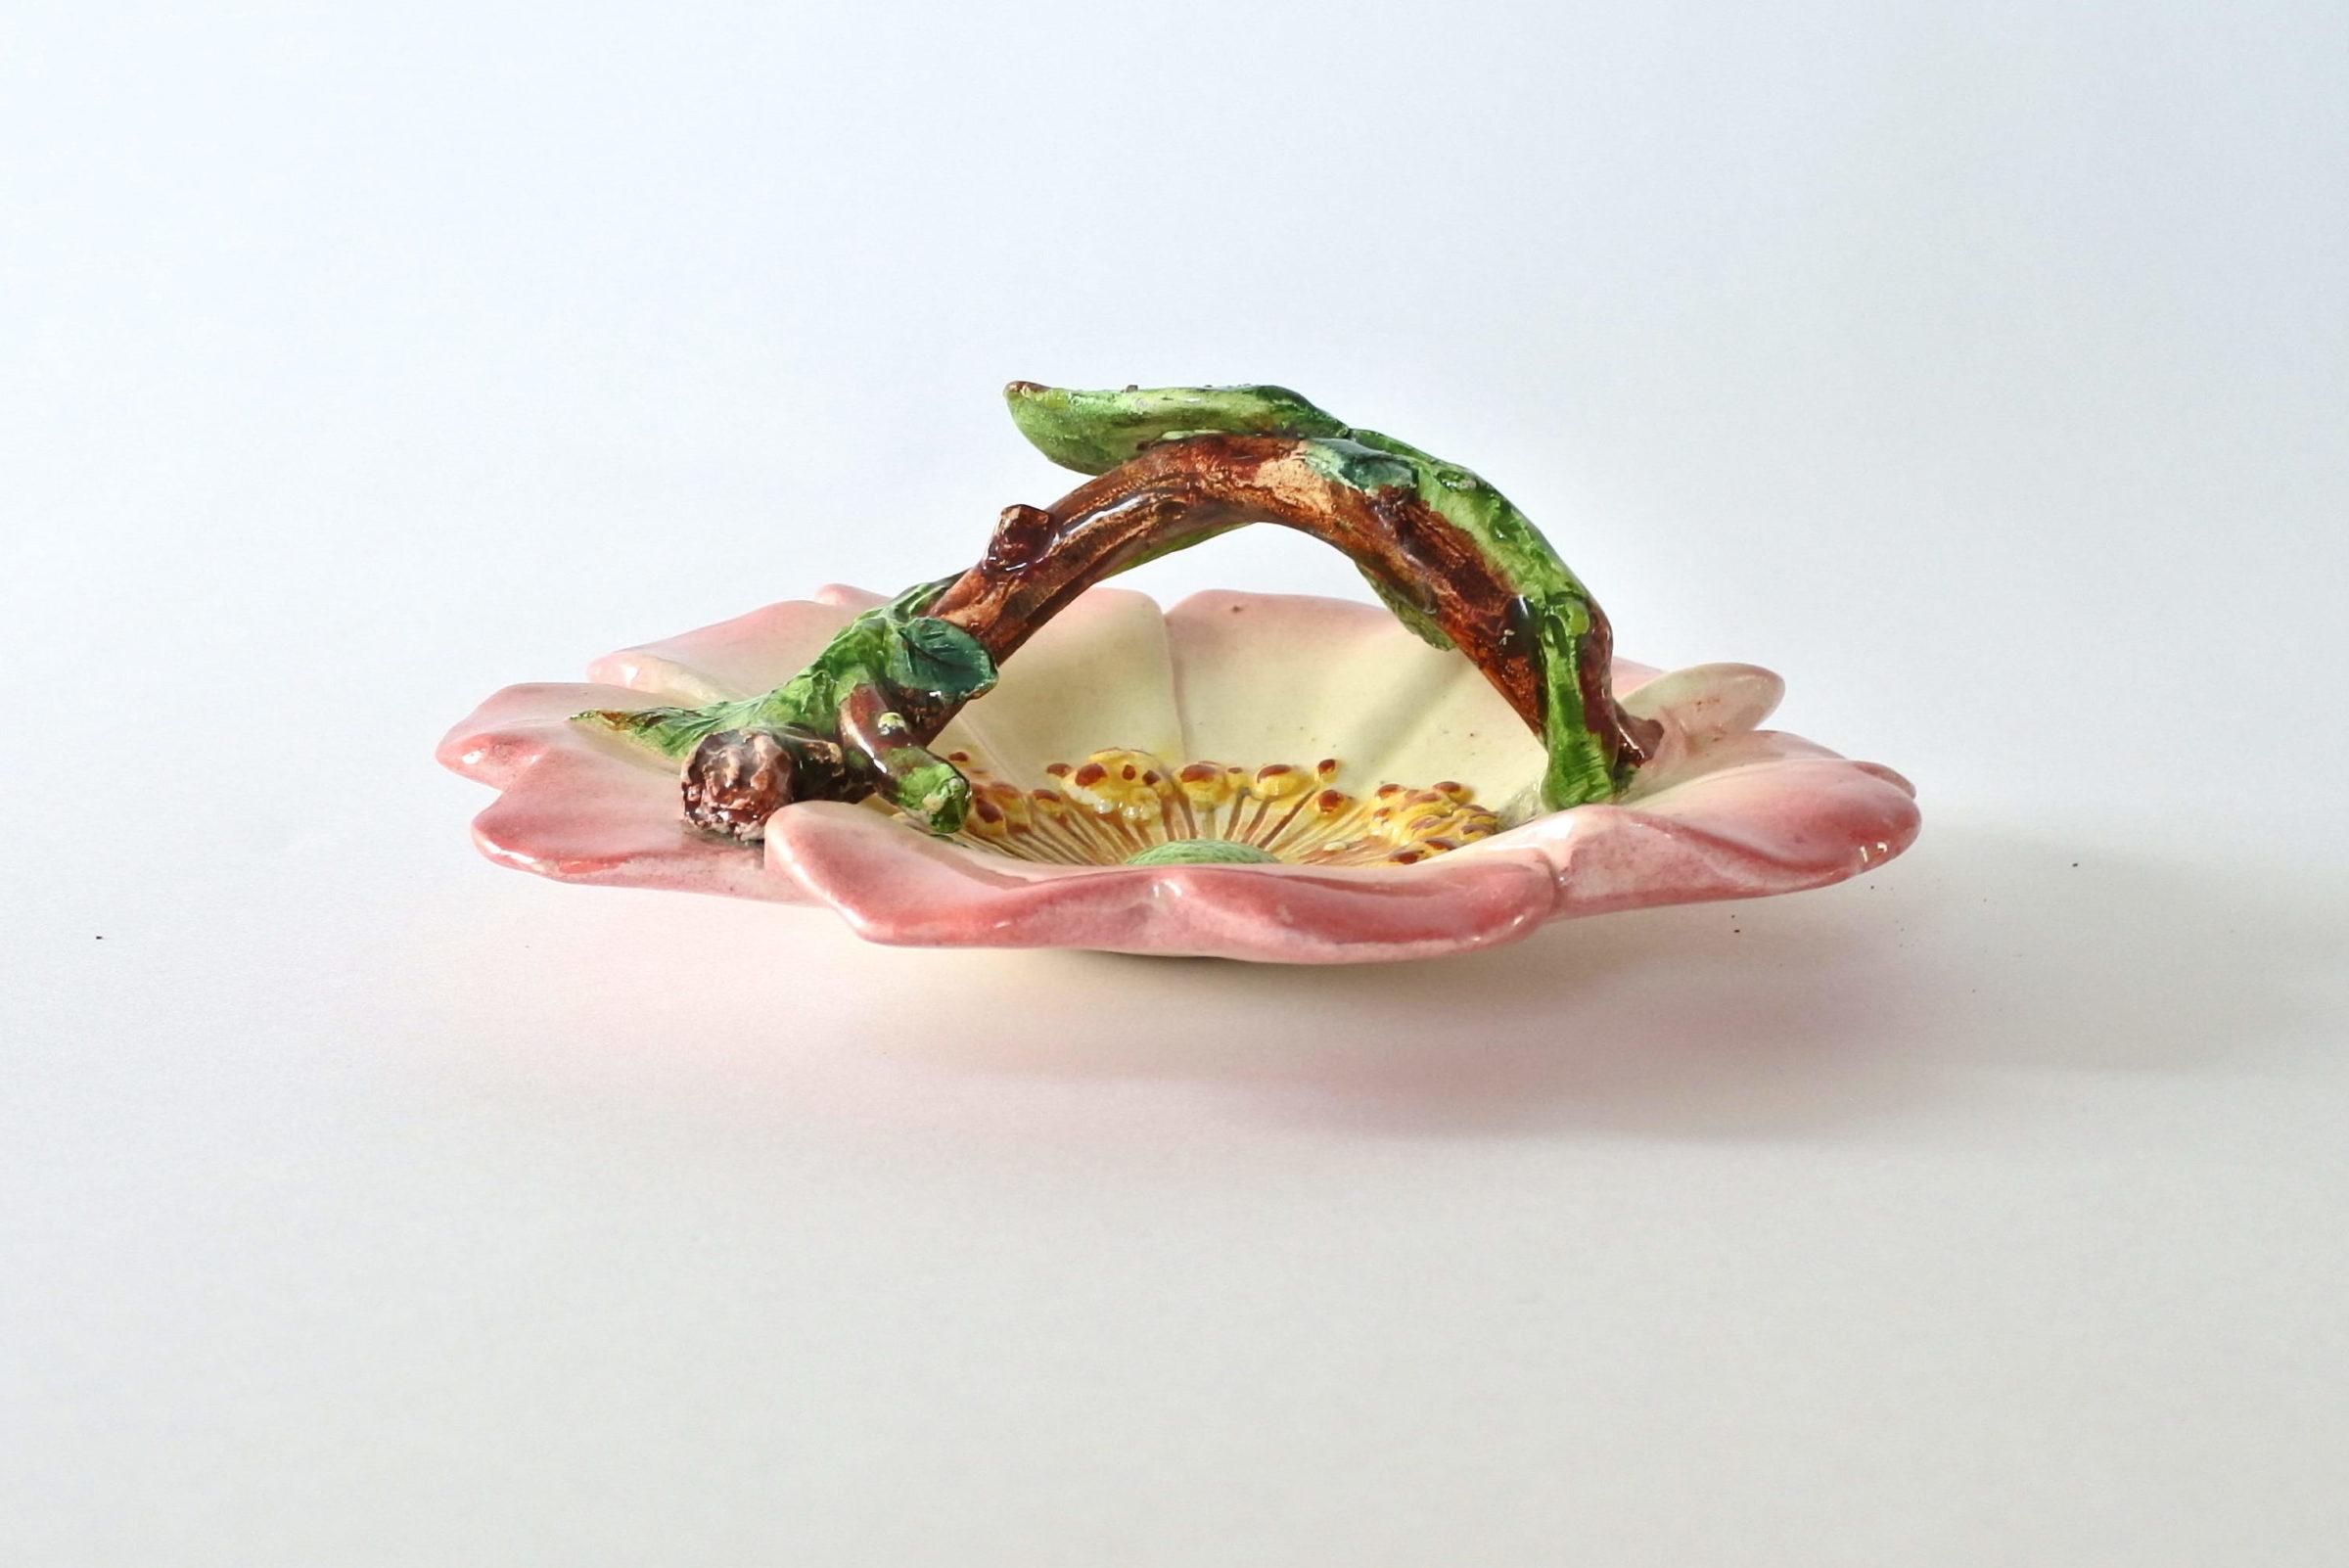 Cestino in ceramica barbotine a forma di rosa canina - Delphin Massier - 6